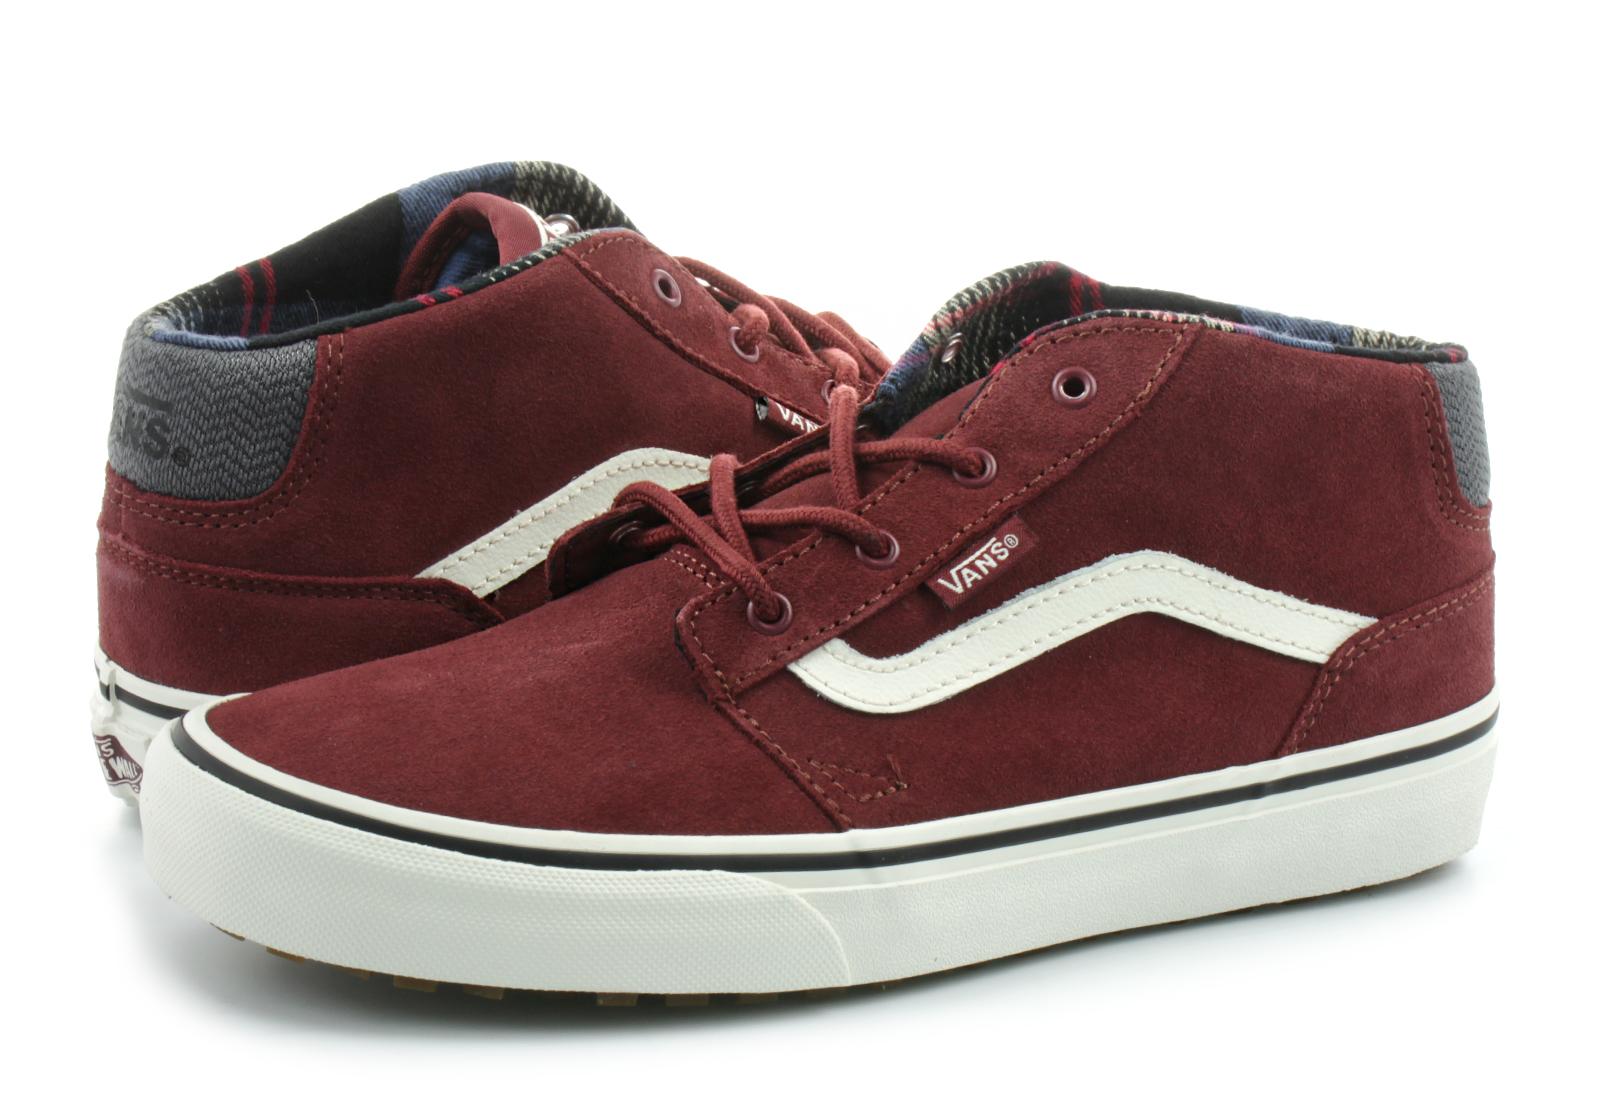 Vans Tenisi - Chapman Mid Mte - VA3DQBOGV - Office Shoes Romania 90374a1a83